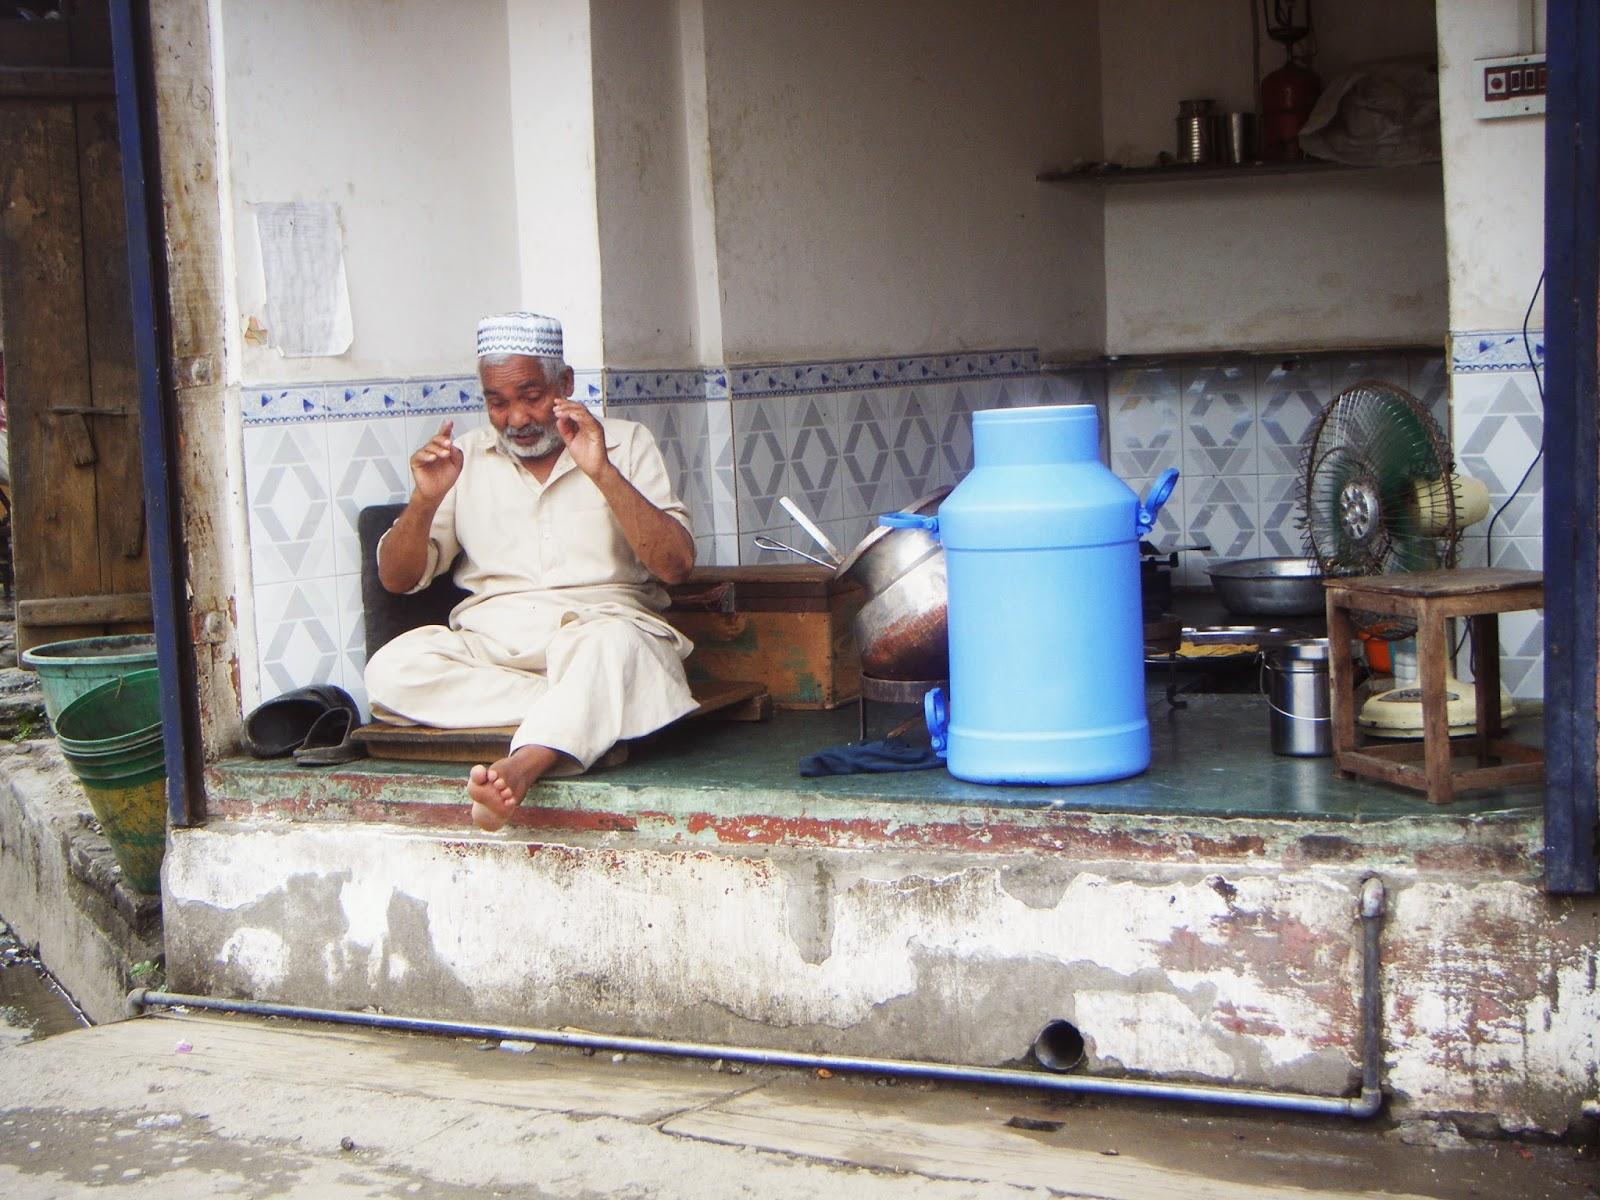 isaure de saint pierre en voyage chez un soufi a srinagar. Black Bedroom Furniture Sets. Home Design Ideas